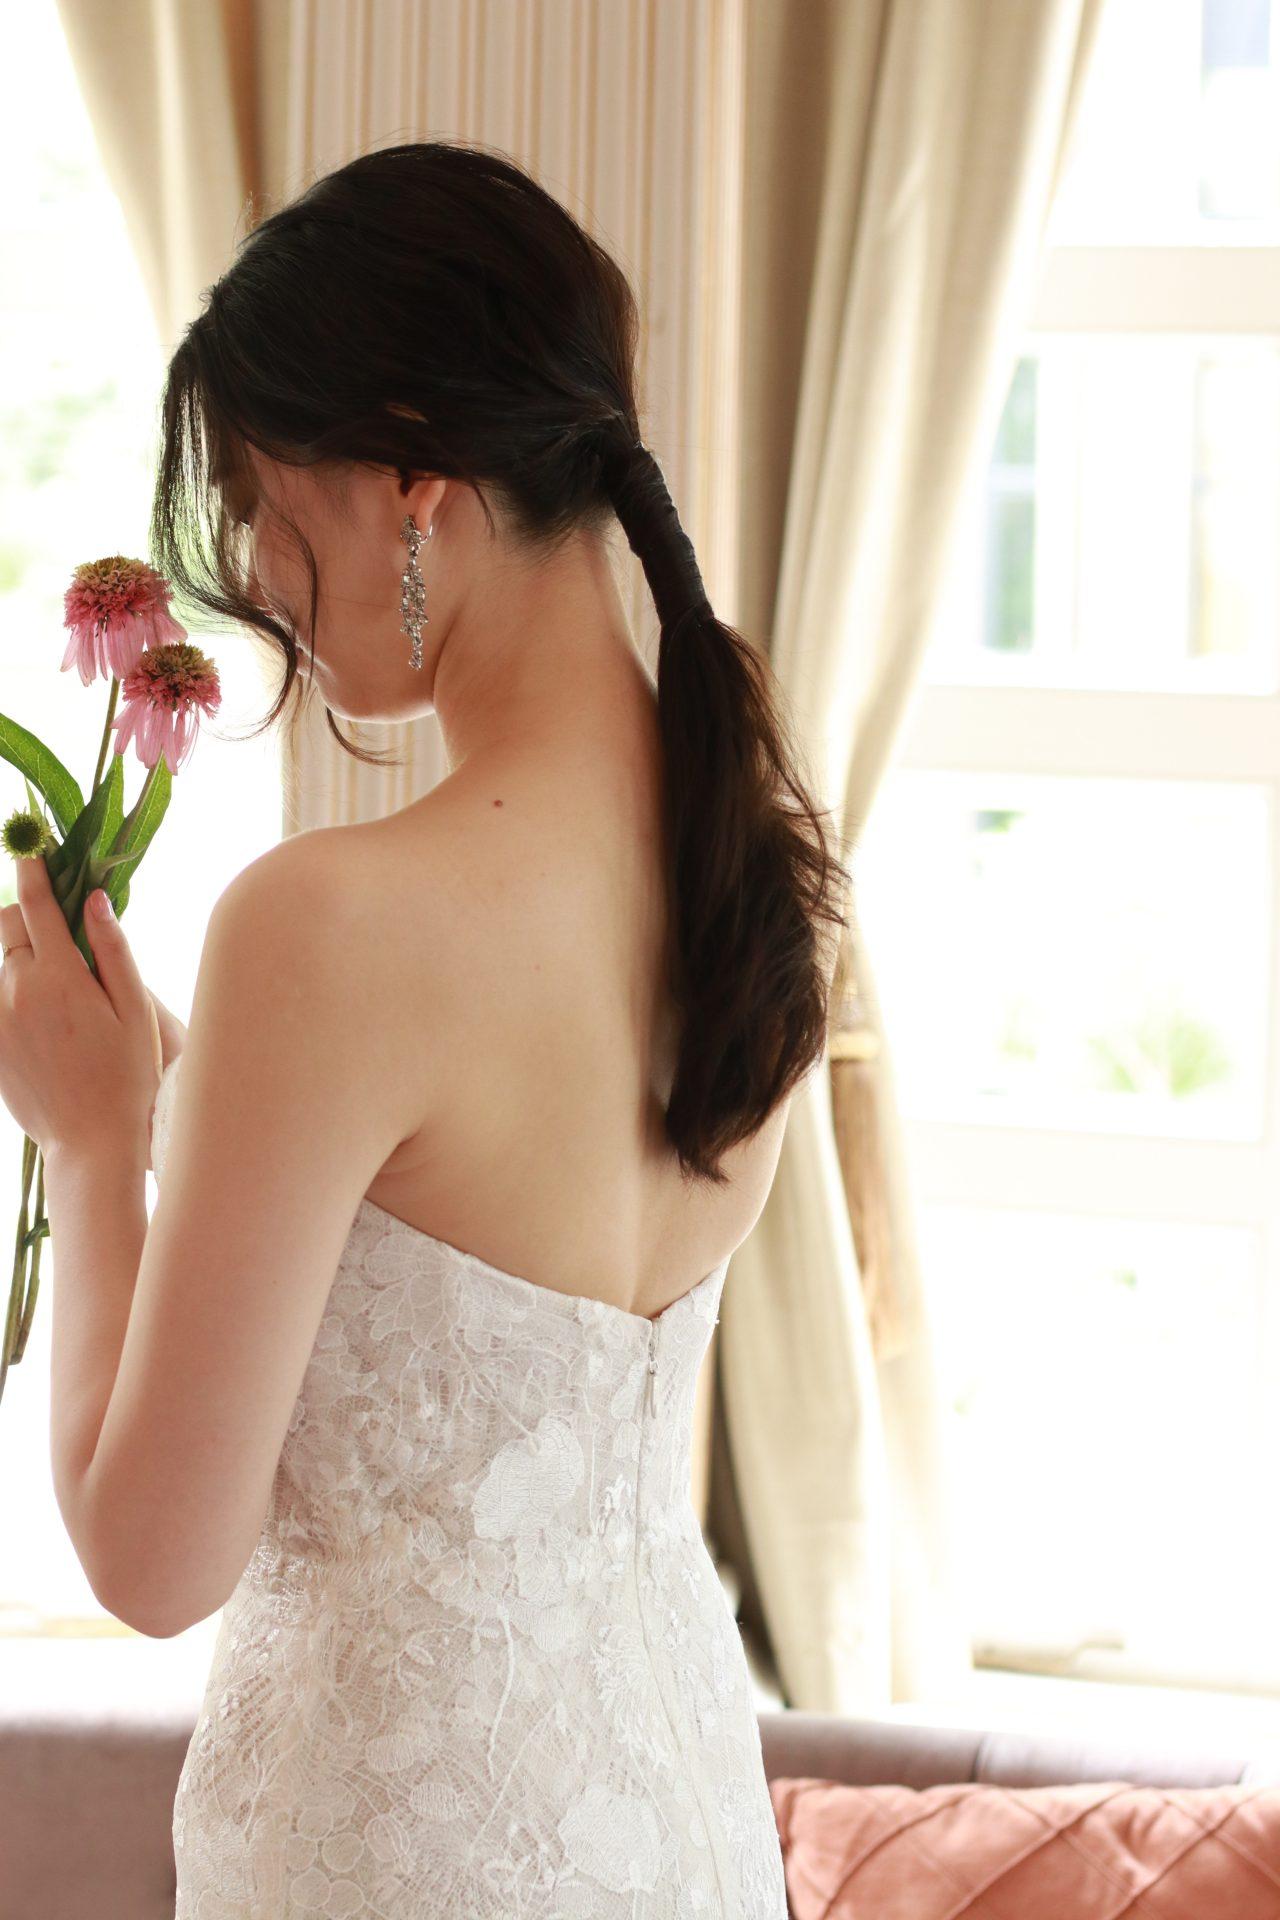 親族式や小規模婚にもぴったりの、マーメイドラインのウェディングドレスは、身体のラインを上品に魅せる細身のシルエットである為、ゲストともより一層近い距離でアットホームにお過ごしいただけます